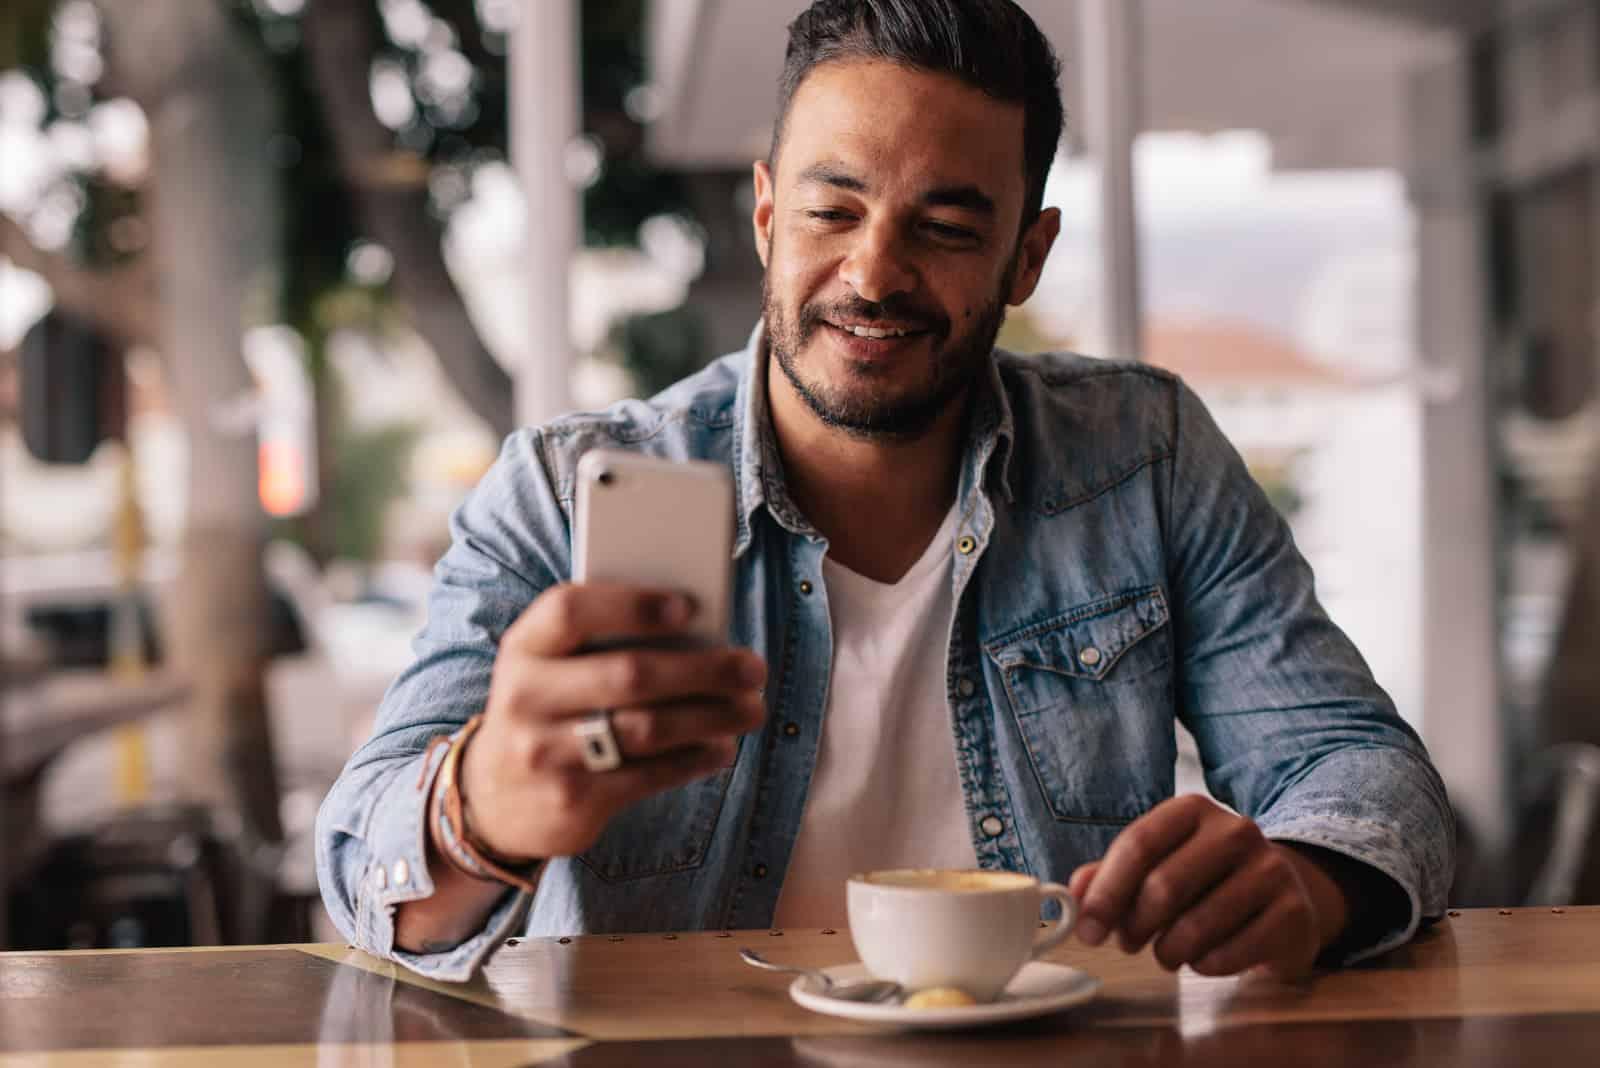 un homme avec des lunettes est assis à une table et un bouton du téléphone